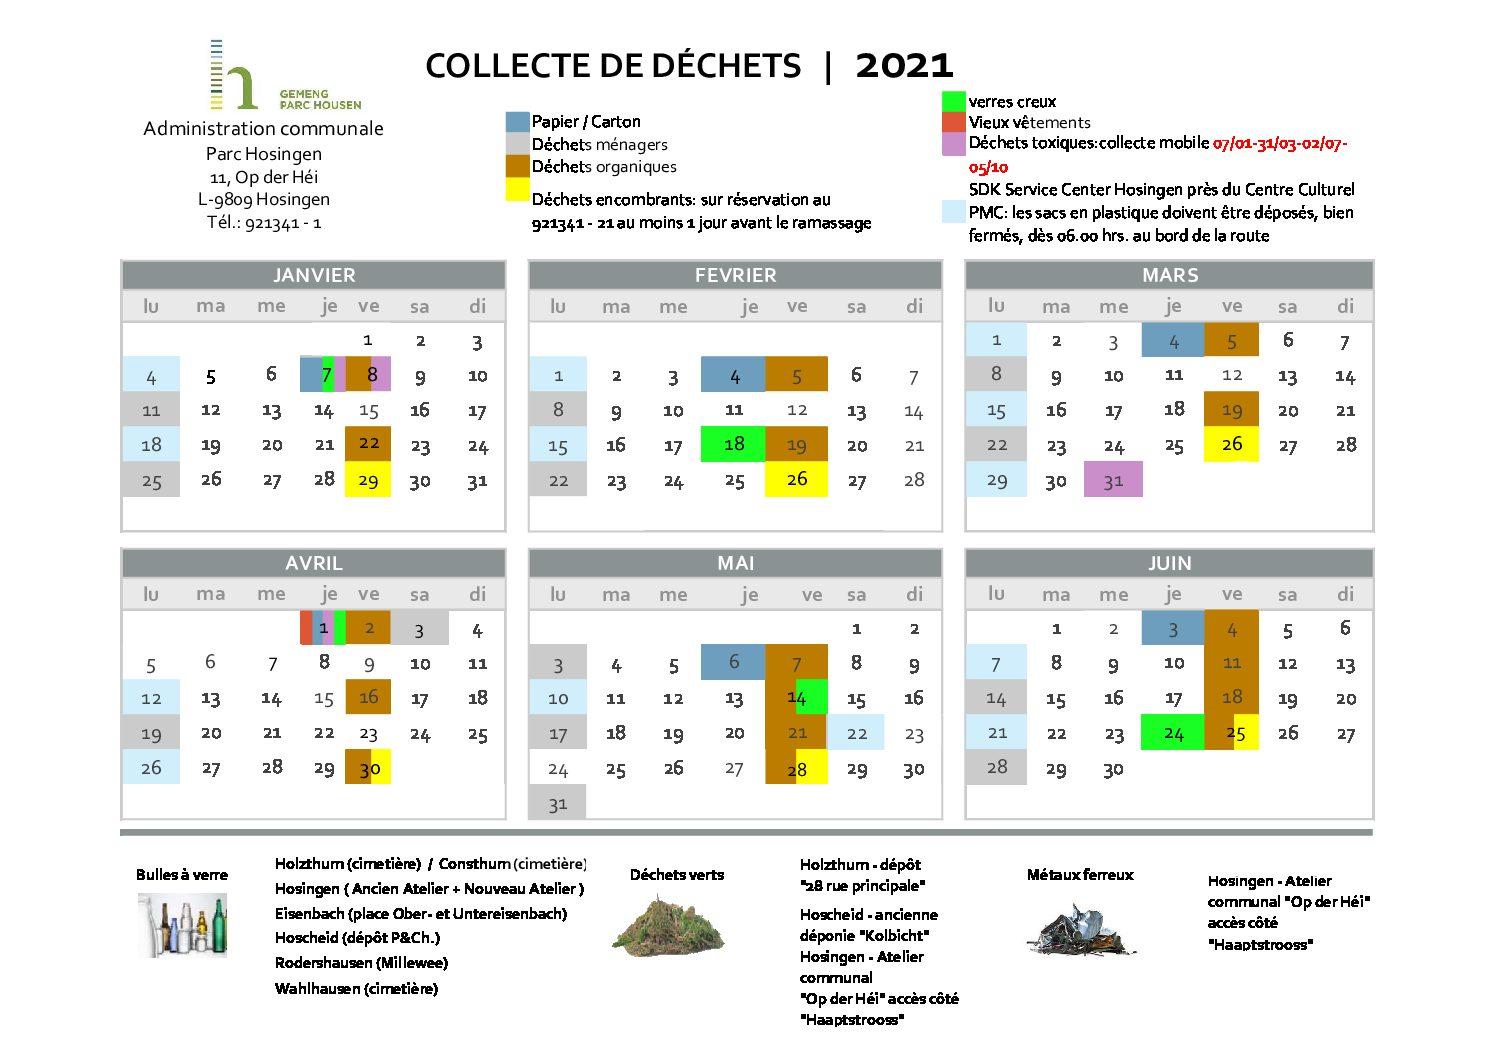 Collecte de déchets 2021